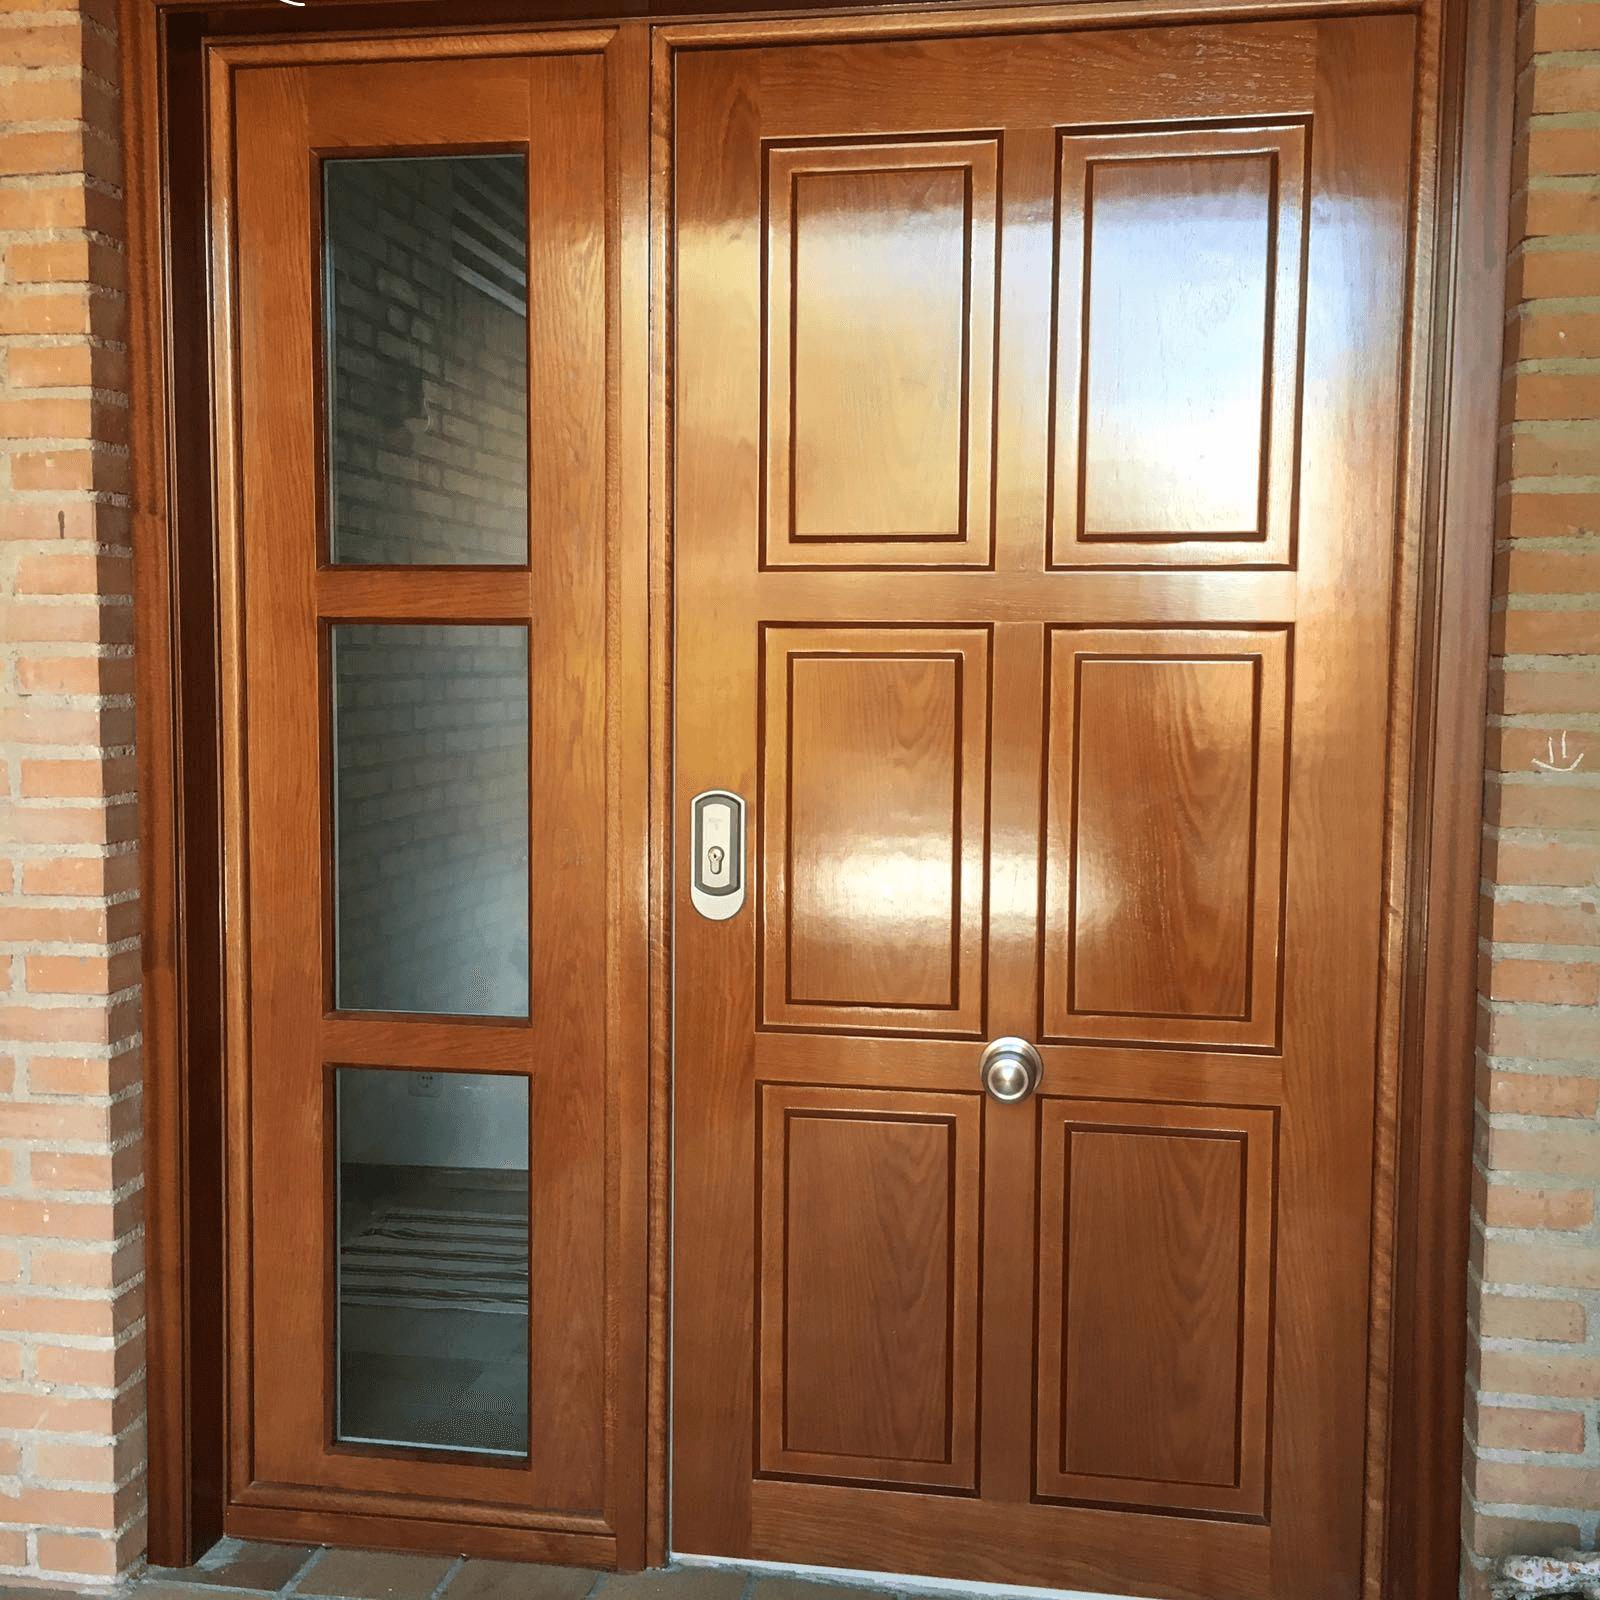 puertas blindadas baratas a medida en madrid puertas